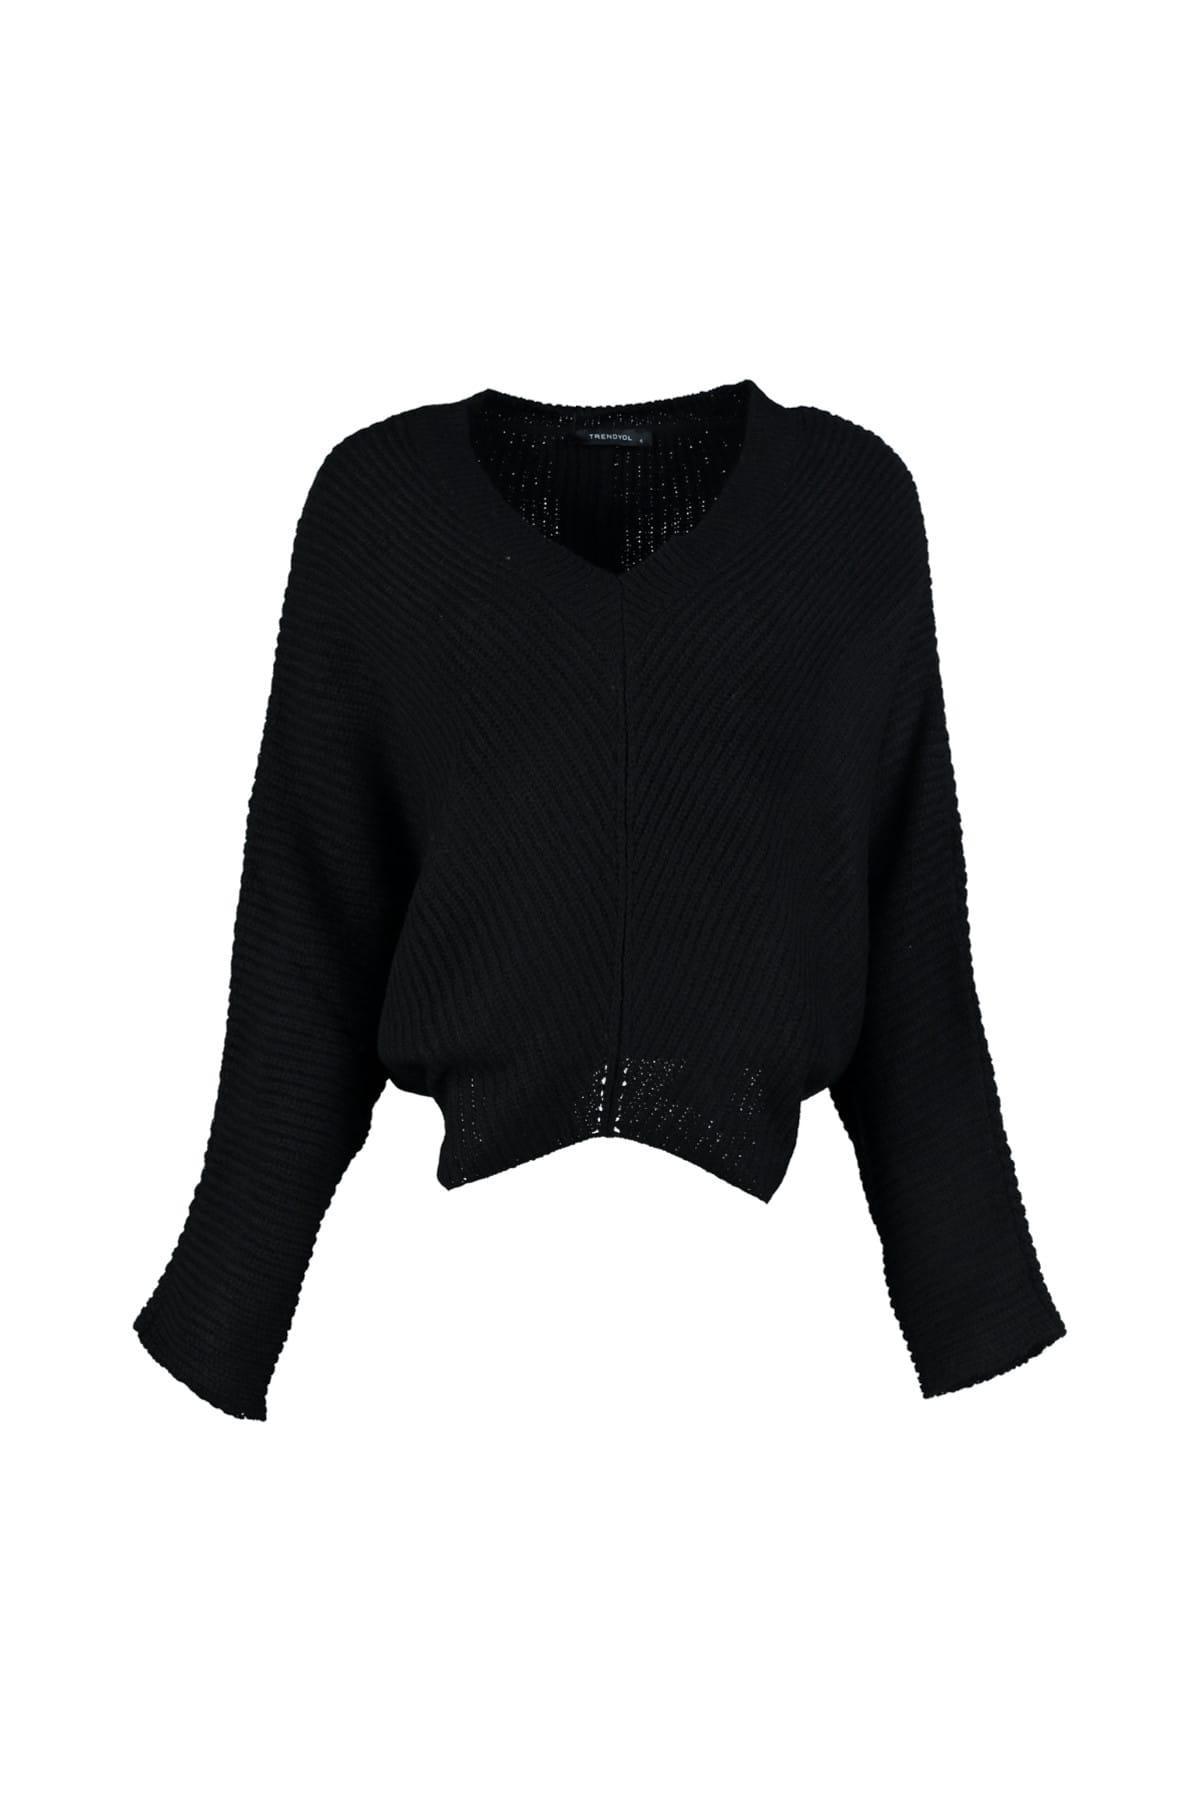 Trendyol WOMEN-Black Bat Sleeve Sweater Sweater TWOAW20ZA0012